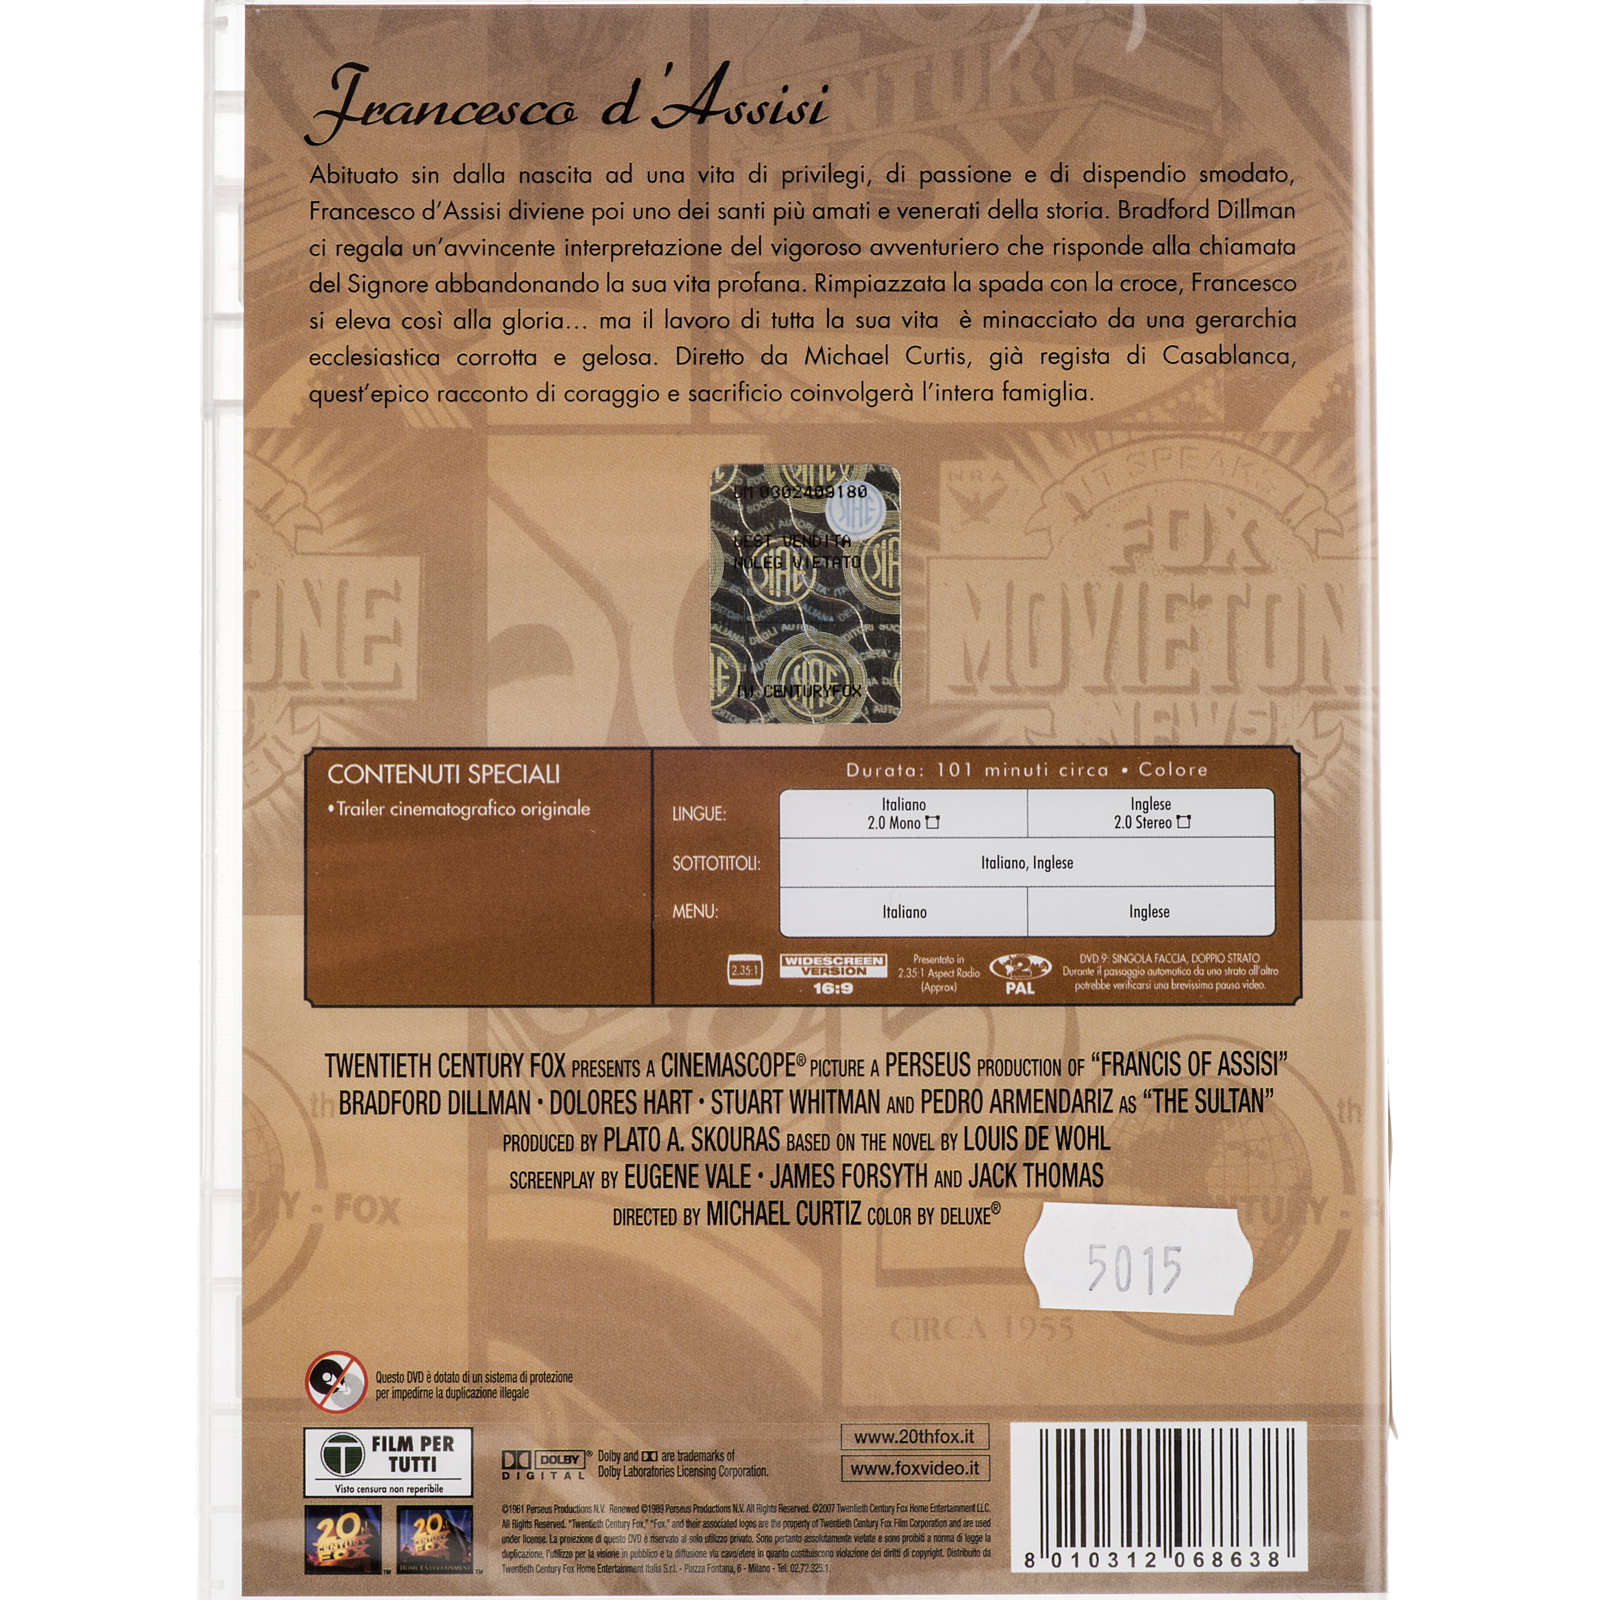 Francesco d'Assisi DVD 3